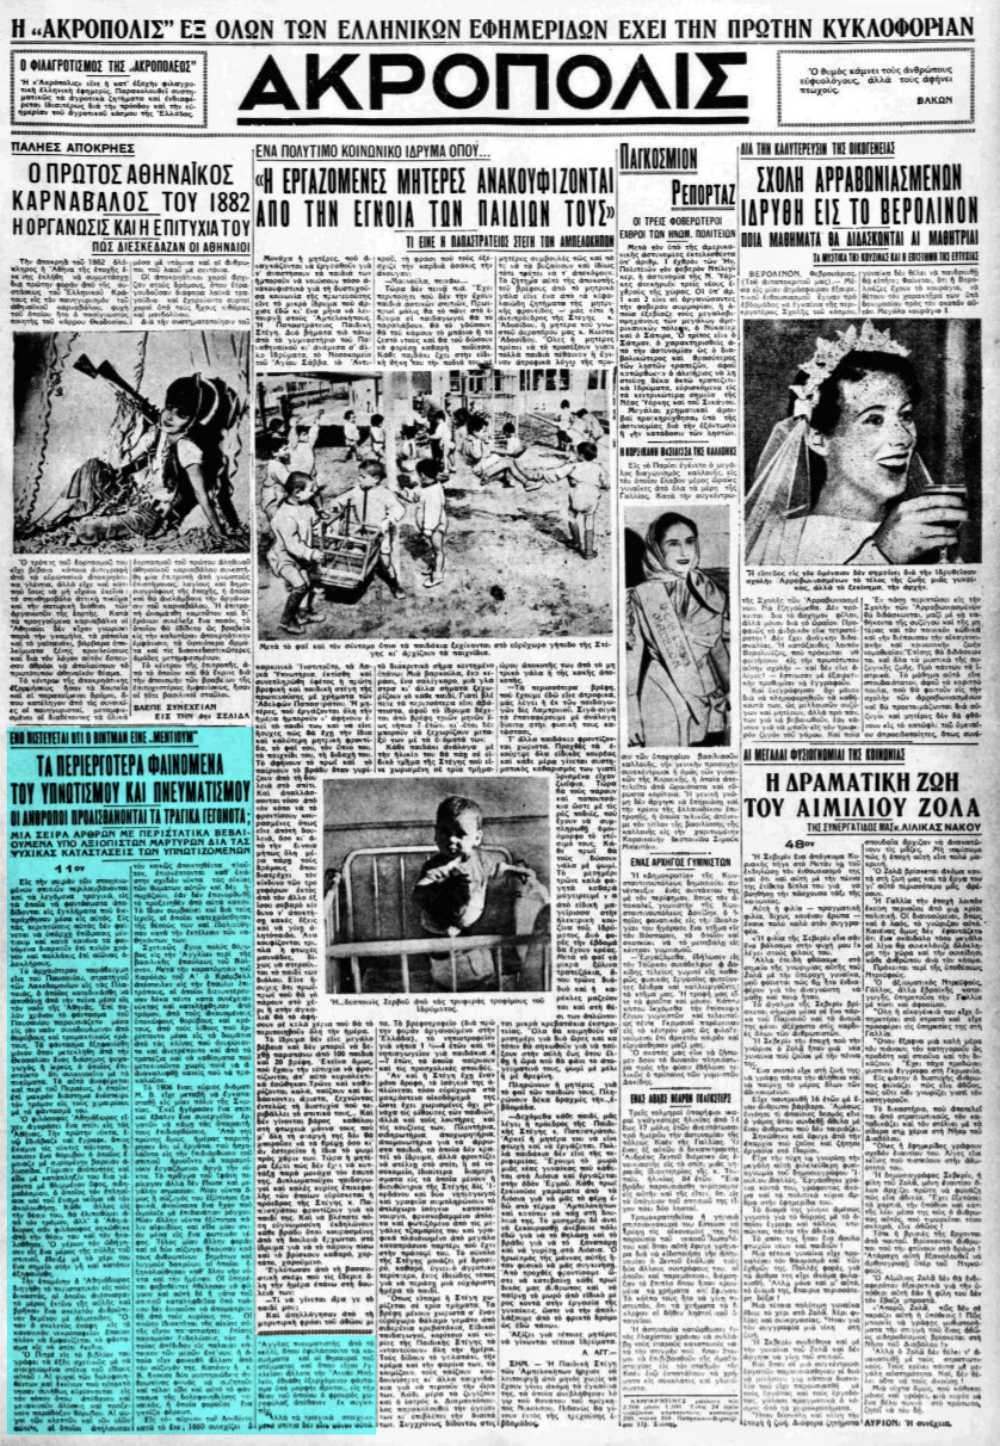 """Το άρθρο, όπως δημοσιεύθηκε στην εφημερίδα """"ΑΚΡΟΠΟΛΙΣ"""", στις 14/02/1938"""